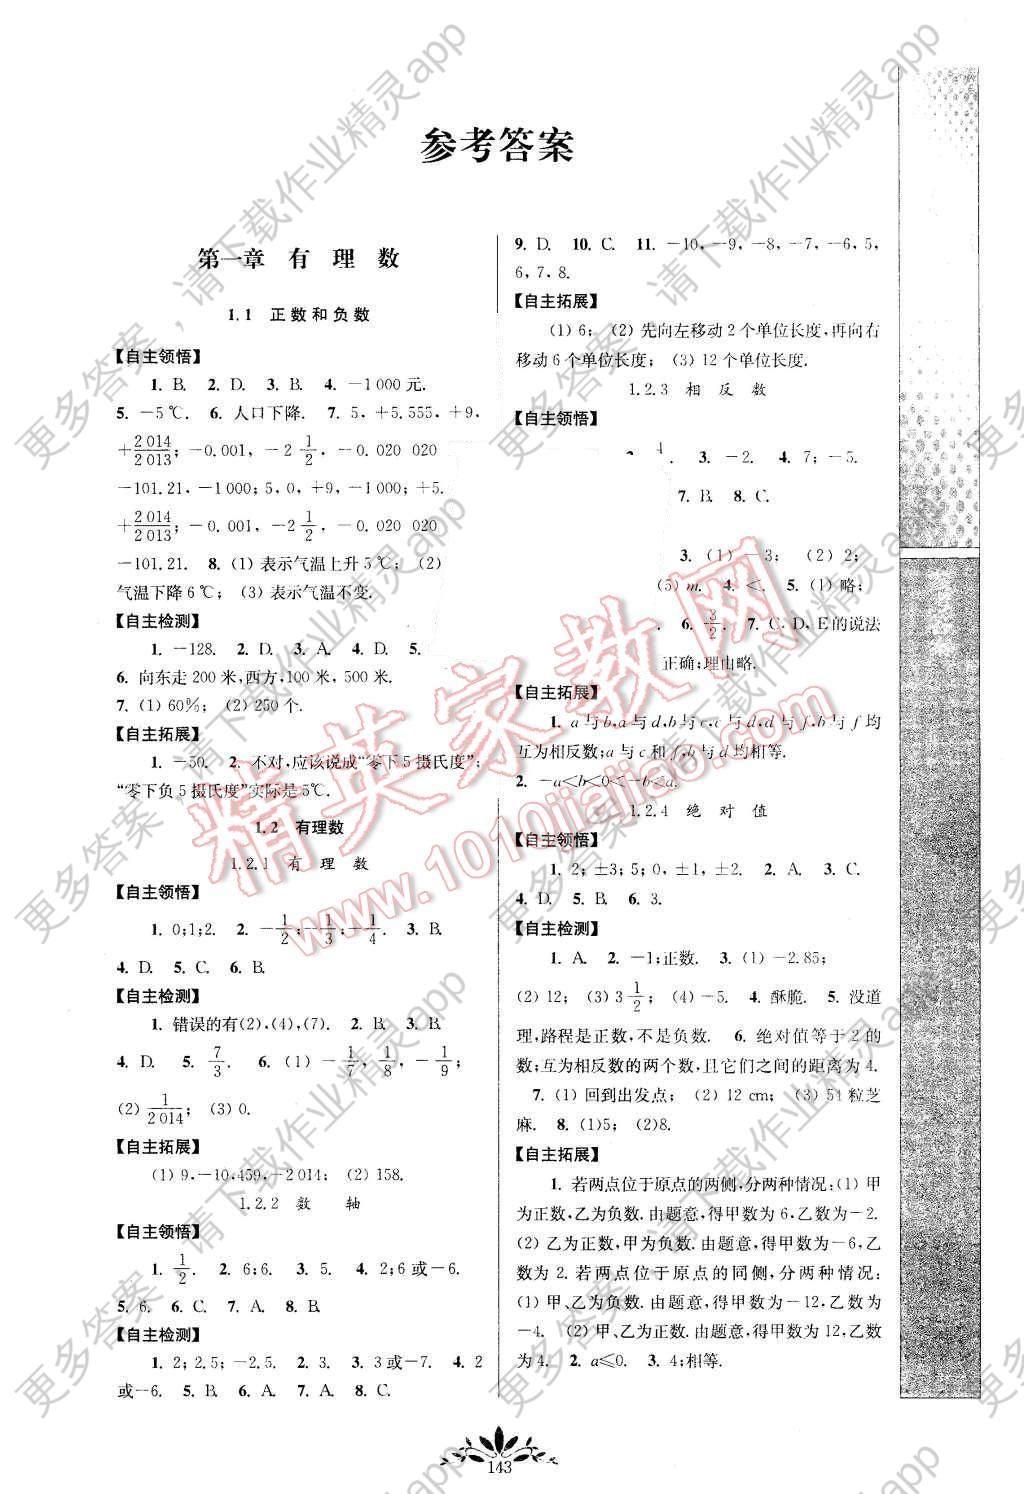 2015年新课程自主学习与测评初中数学七年级上册人教版 第1页